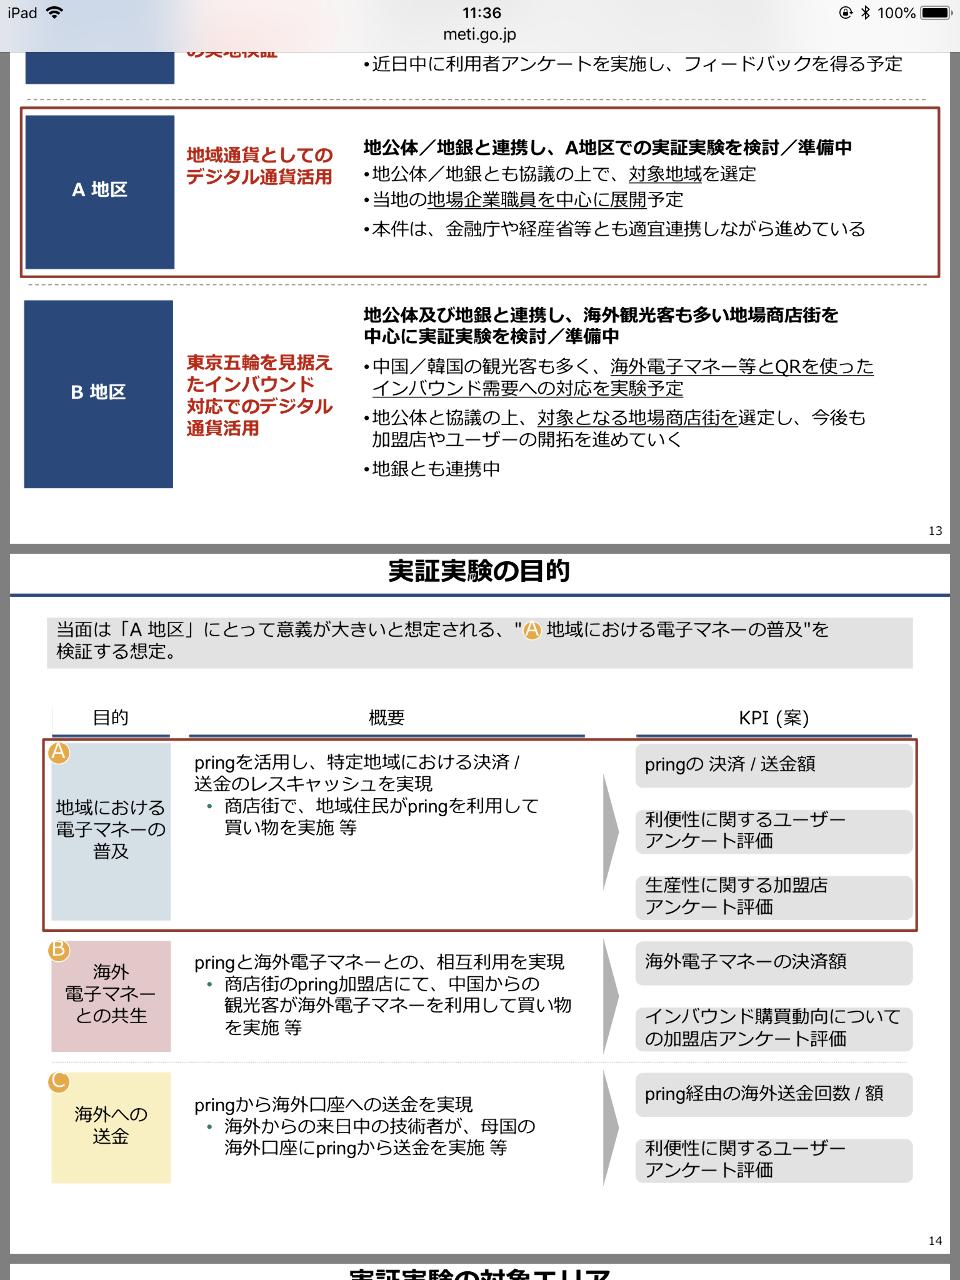 6172 - (株)メタップス  我が国のキャッシュレス化推進に向けた J-Coin構想について  みずほフィナンシャルグループ デ